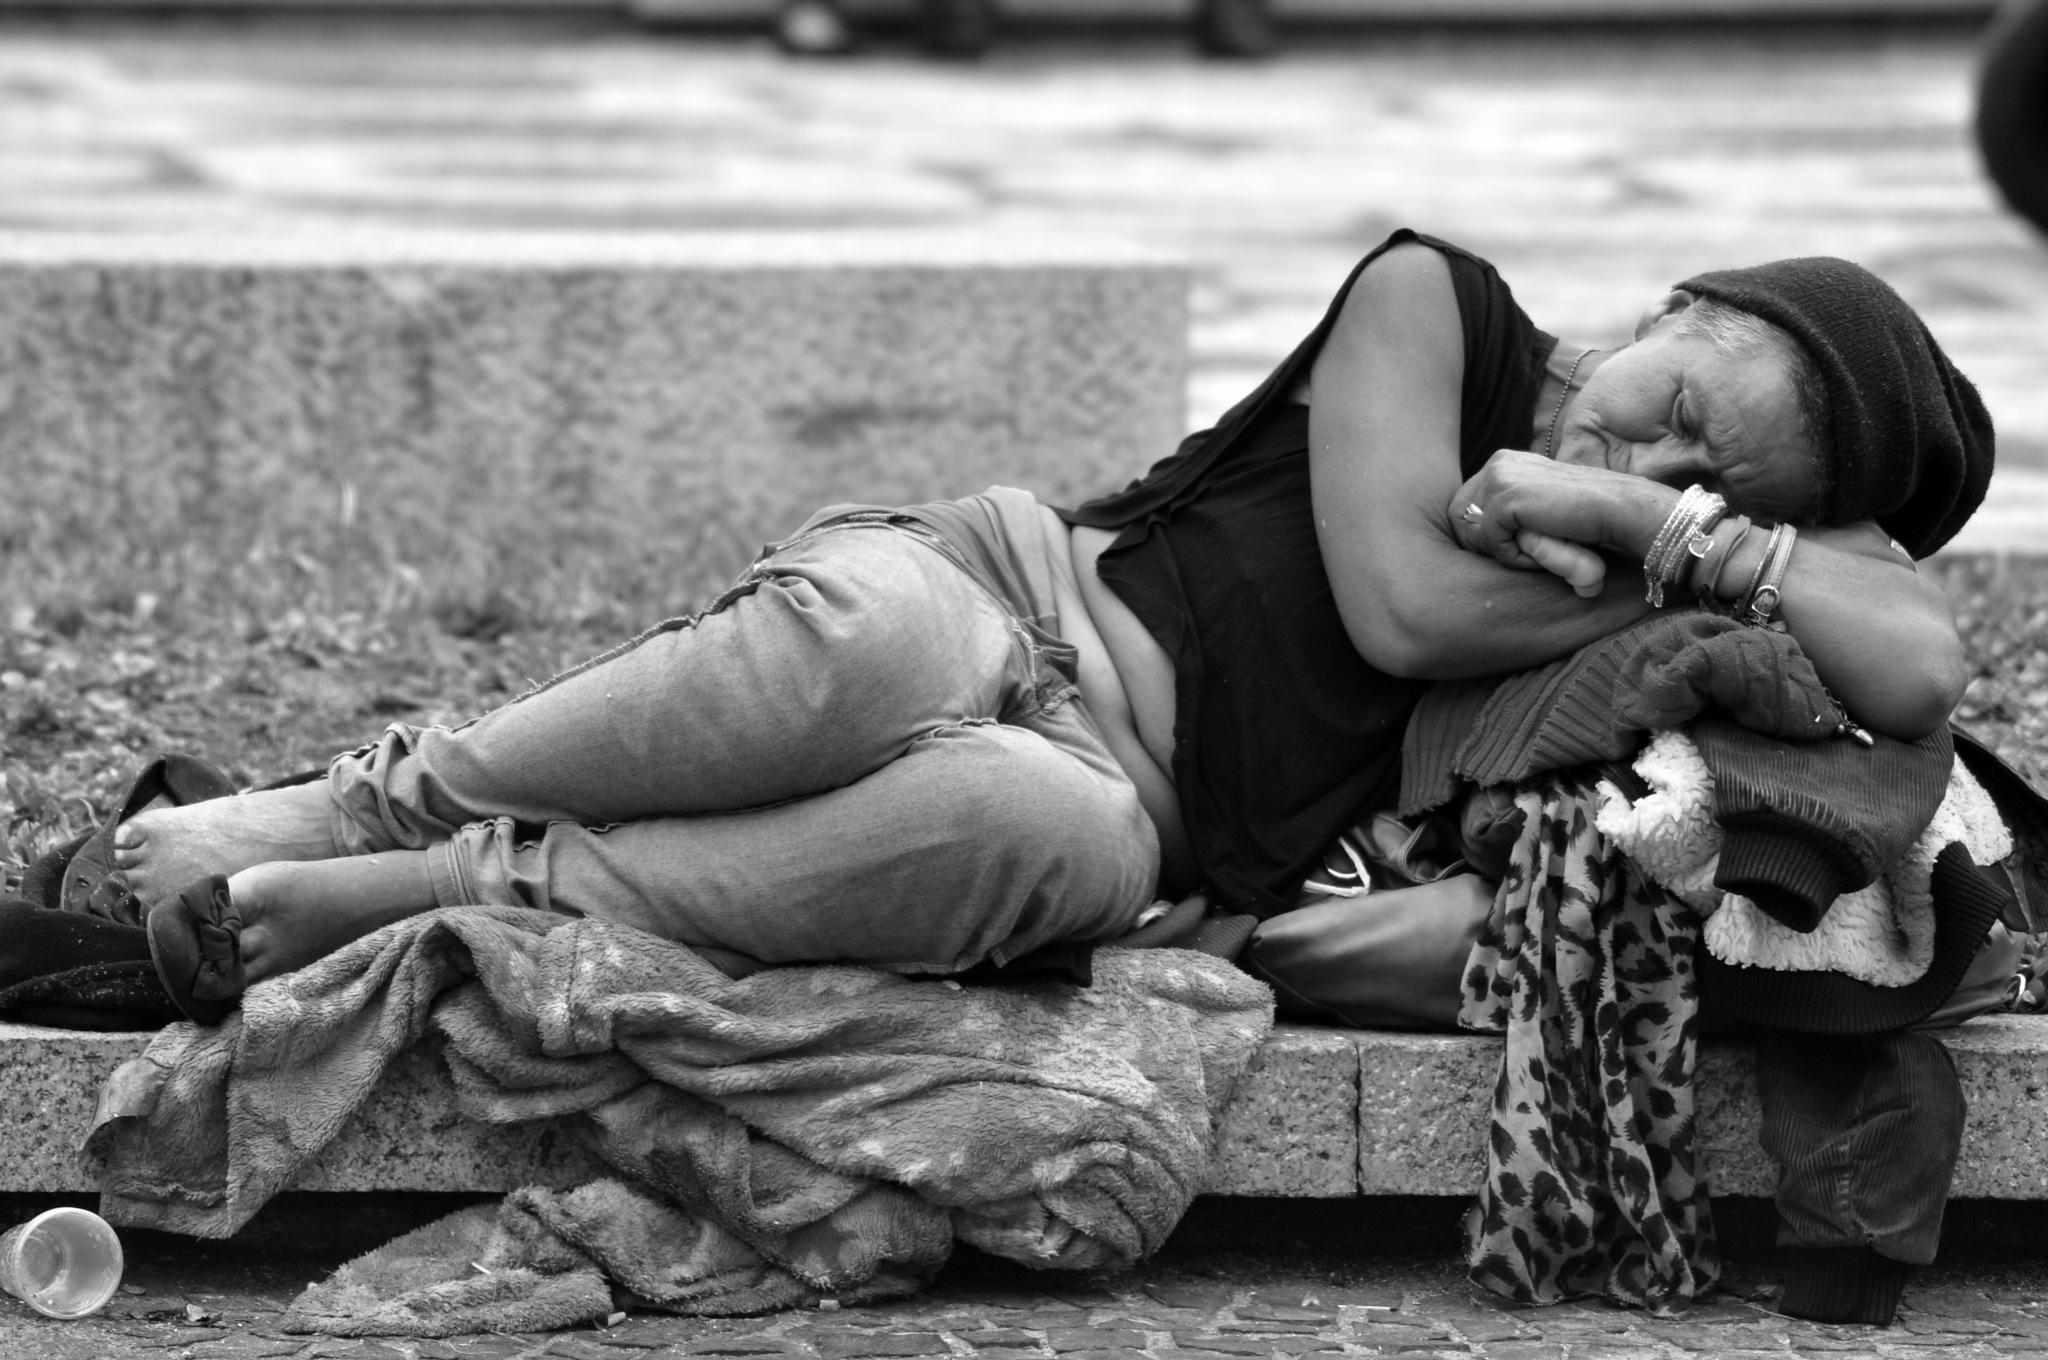 Adormecida by José Evaldo Suassuna de Oliveira